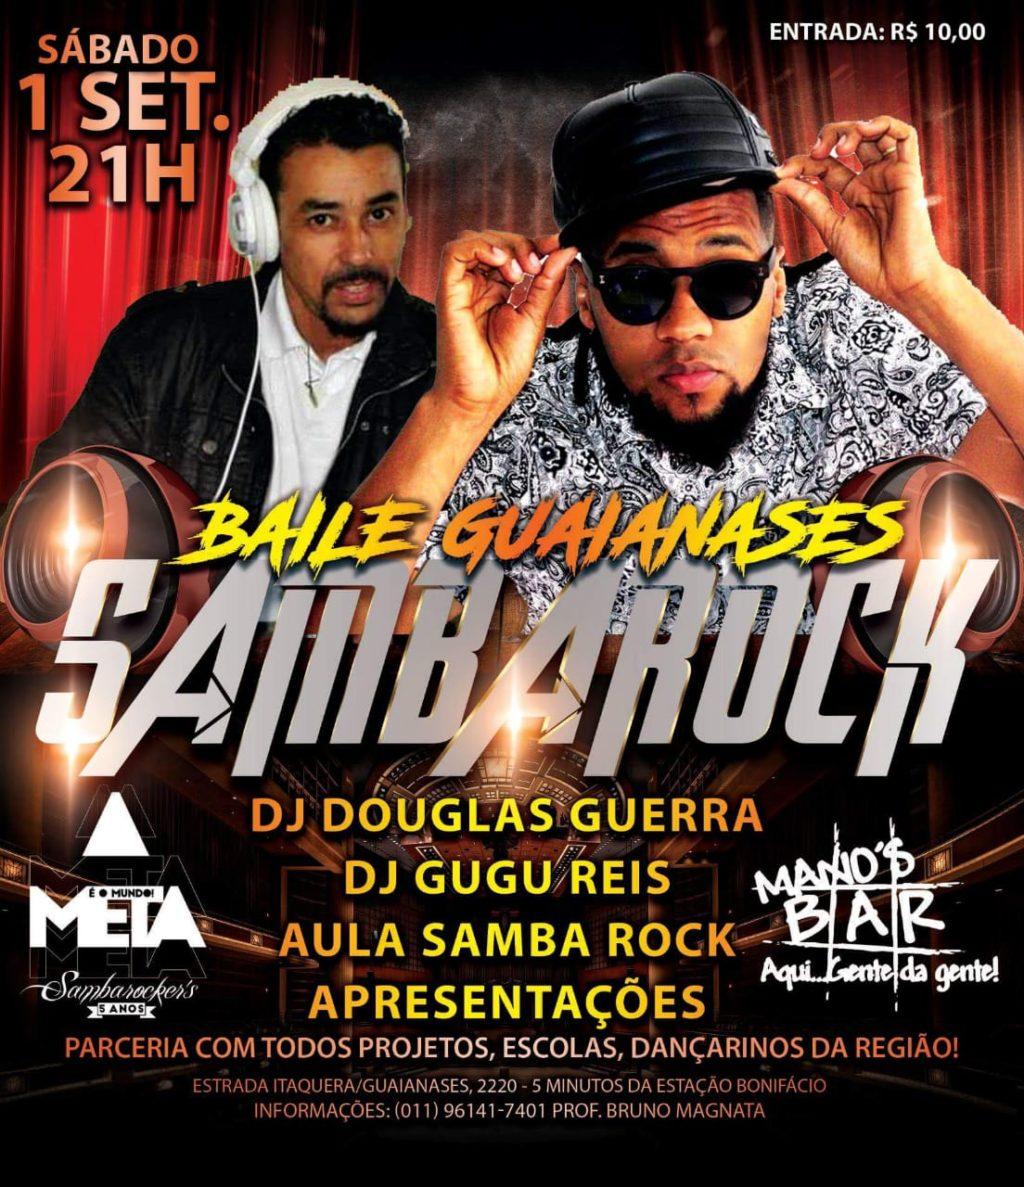 Vem aí Baile Guaianases Sambarock com DJs Douglas Guerra e Gugu Reis #nota